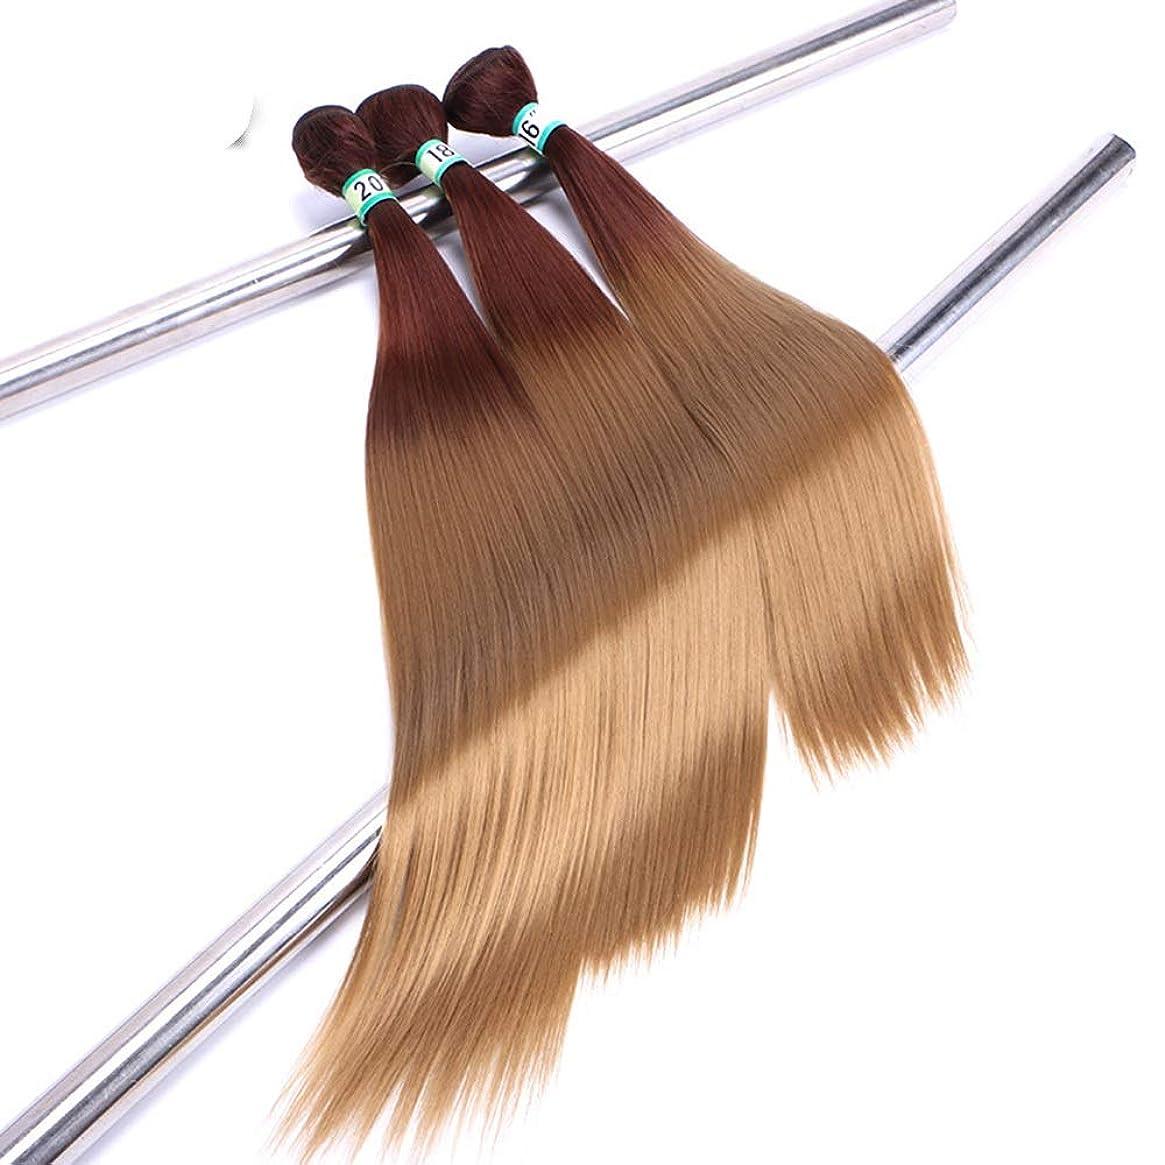 犬先祖かろうじてBOBIDYEE 黒のグラデーション茶色の髪織りバンドルヘアエクステンション横糸 - ストレートヘア(3バンドル、70g /バンドル)合成髪レースかつらロールプレイングウィッグロング&ショート女性自然 (色 : ブラウン, サイズ : 16